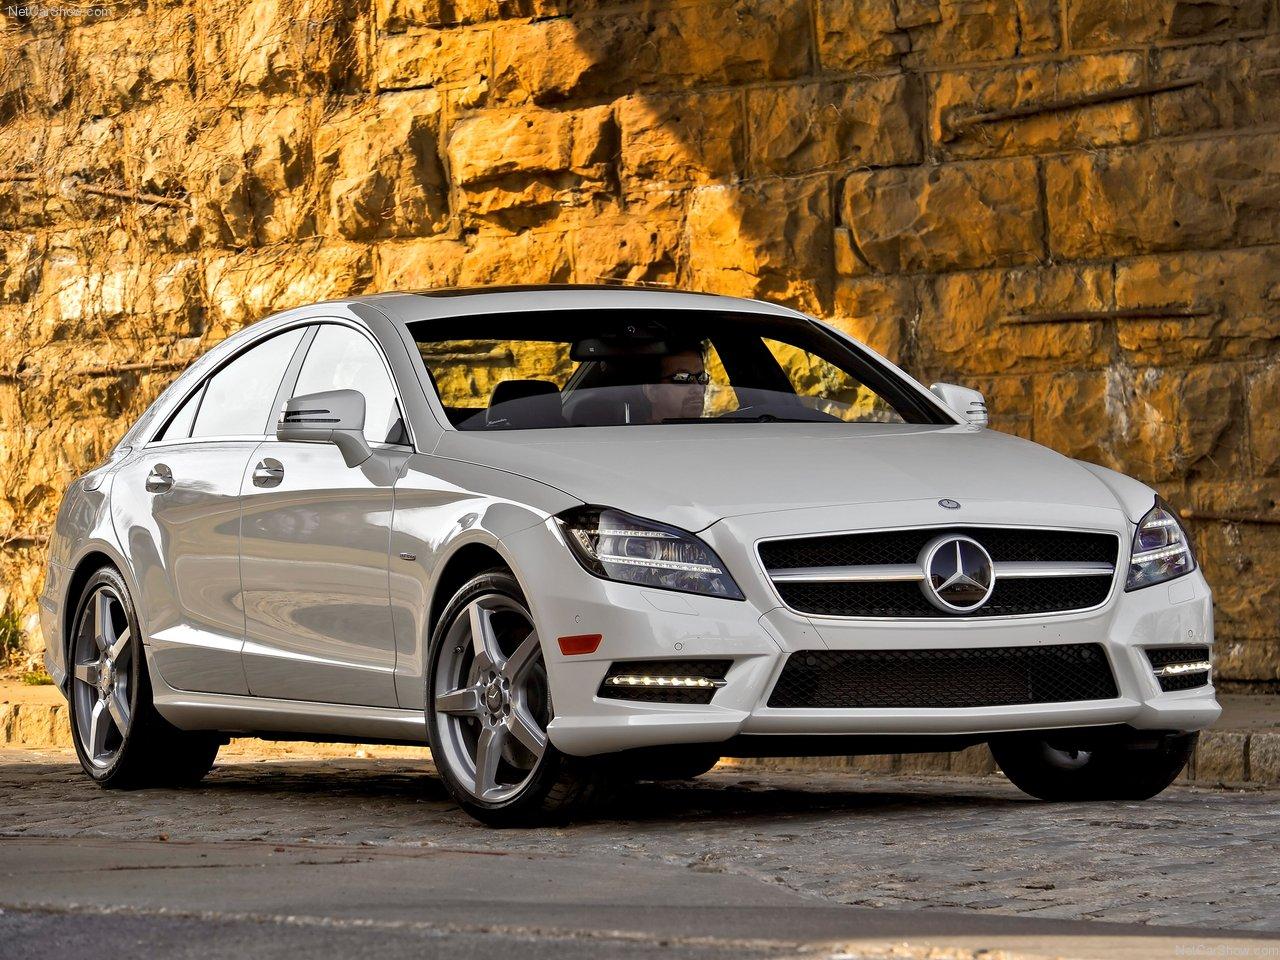 http://1.bp.blogspot.com/-if5iufpKDfU/TbHbmvUf59I/AAAAAAAAOeQ/44MixfKv78Q/s1600/Mercedes-Benz-CLS550_2012_1280x960_wallpaper_04.jpg